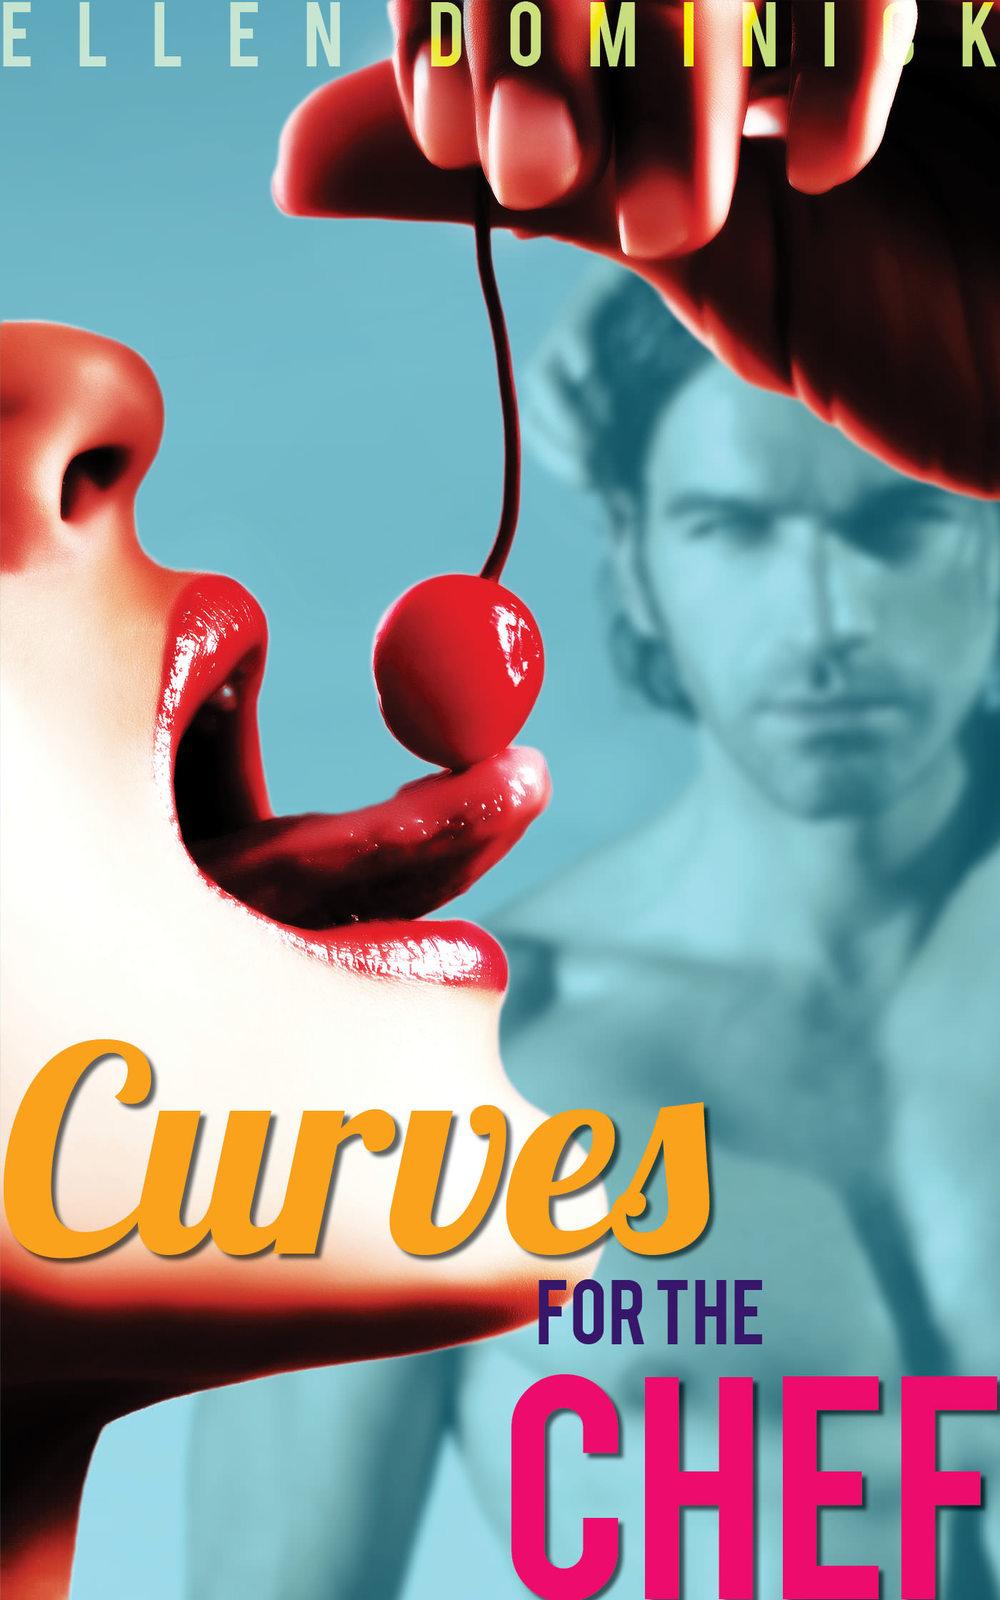 curveschef3.jpg